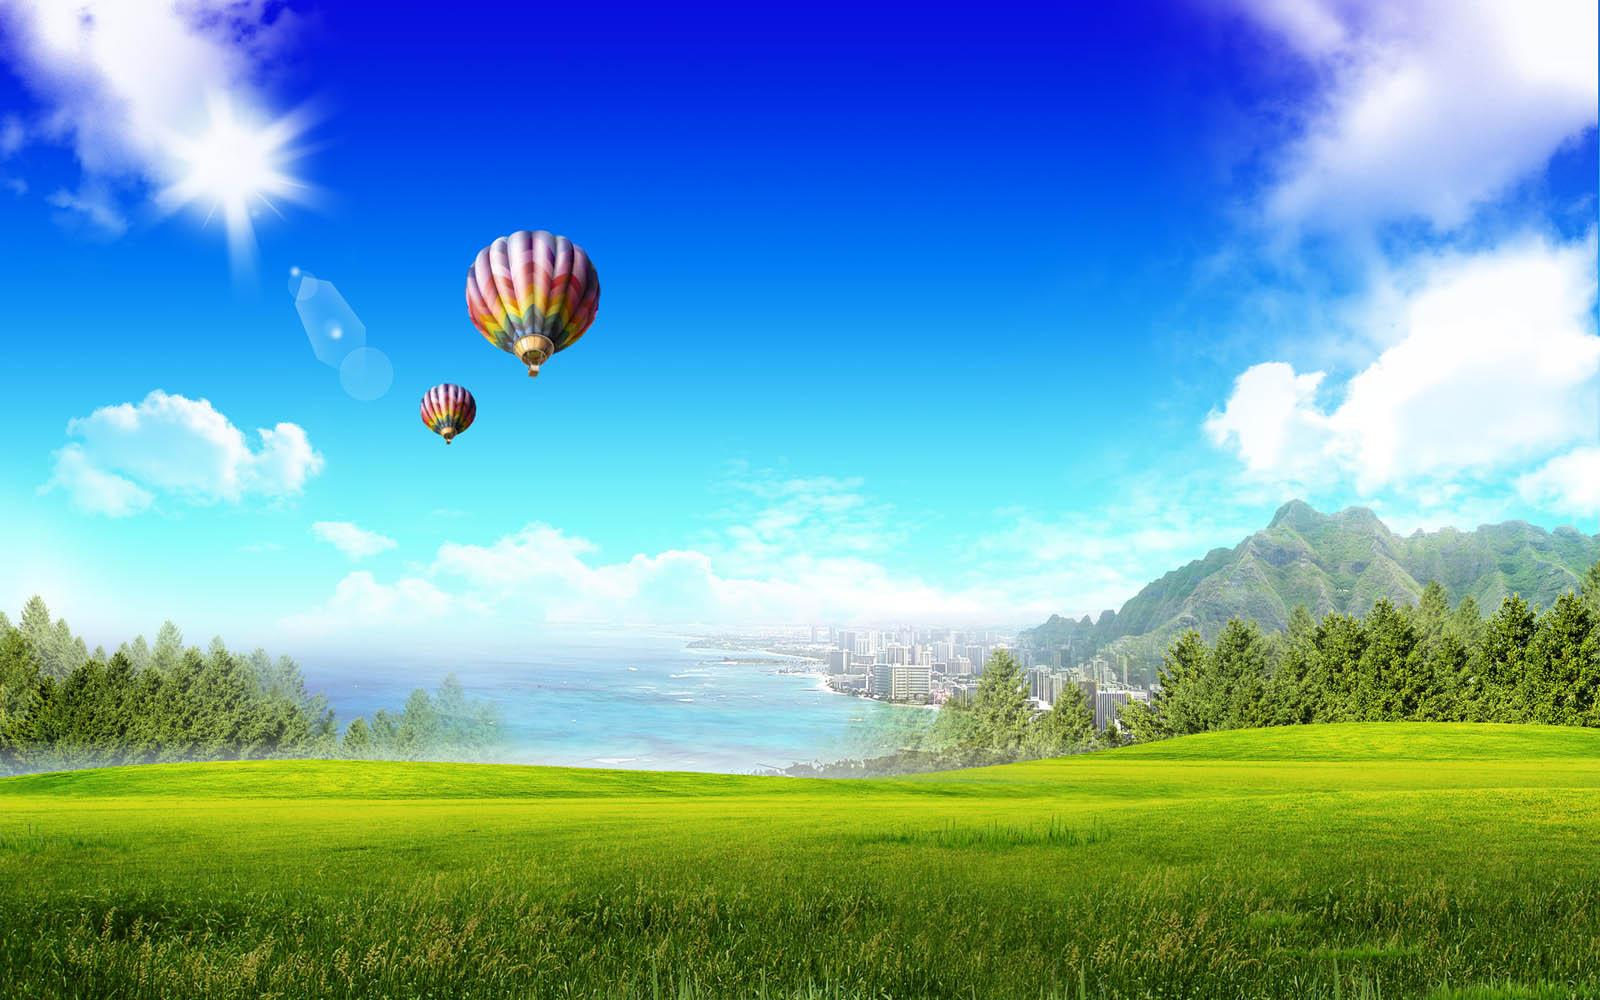 Balloons Desktop Wallpapers Hot Air Balloons Desktop Backgrounds 1600x1000